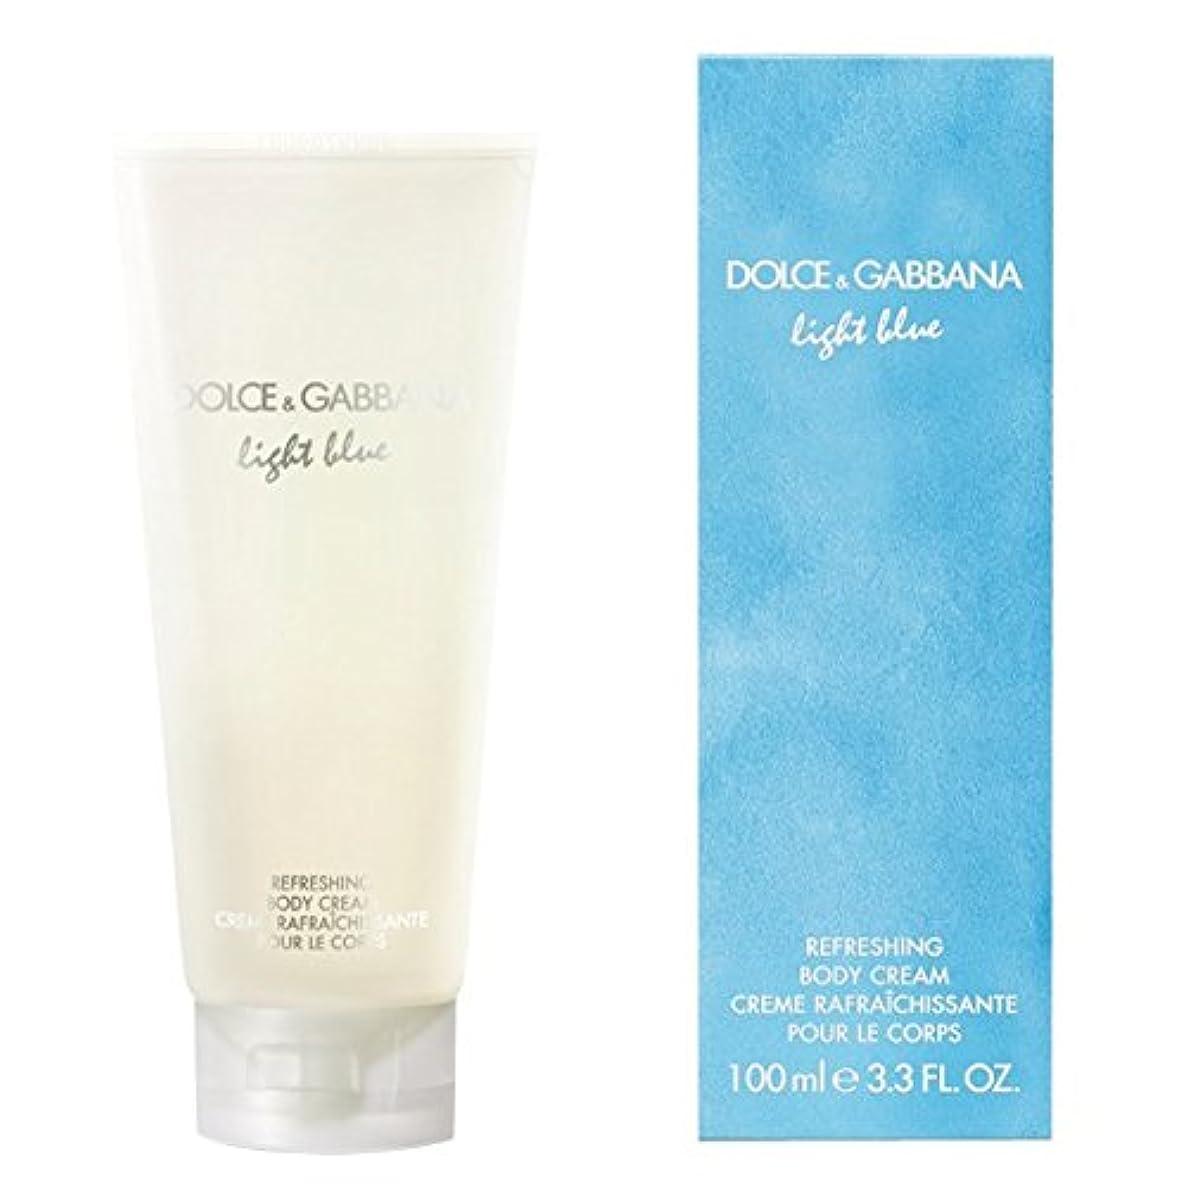 告白スロベニア世界の窓ドルチェ&ガッバーナライトブルーの爽やかなボディクリーム200ミリリットル (Dolce & Gabbana) - Dolce & Gabbana Light Blue Refreshing Body Cream 200ml [並行輸入品]